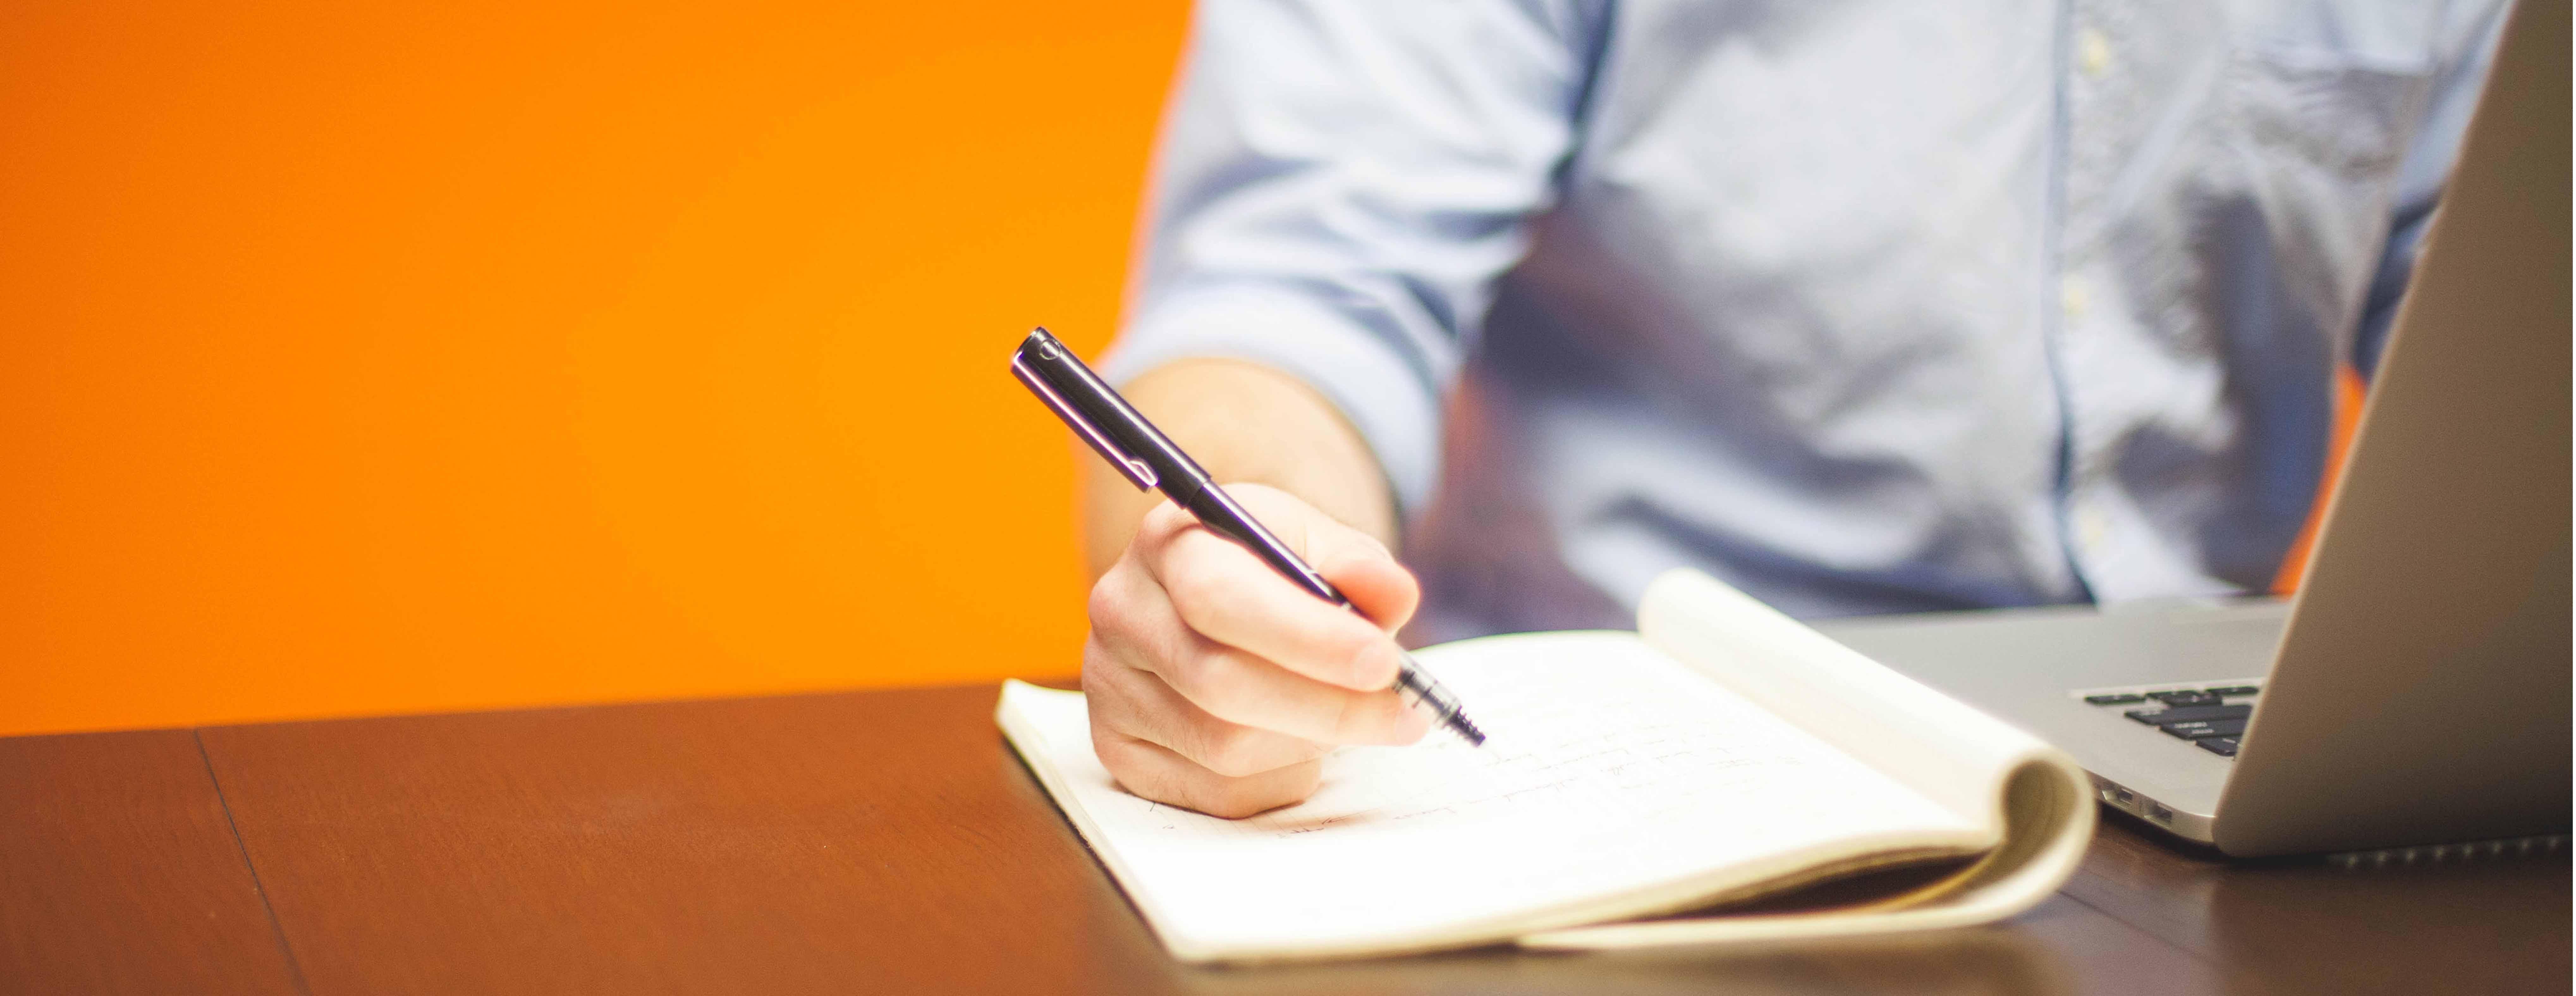 دفترچه انتخاب رشته دکتری دانشگاه آزاد